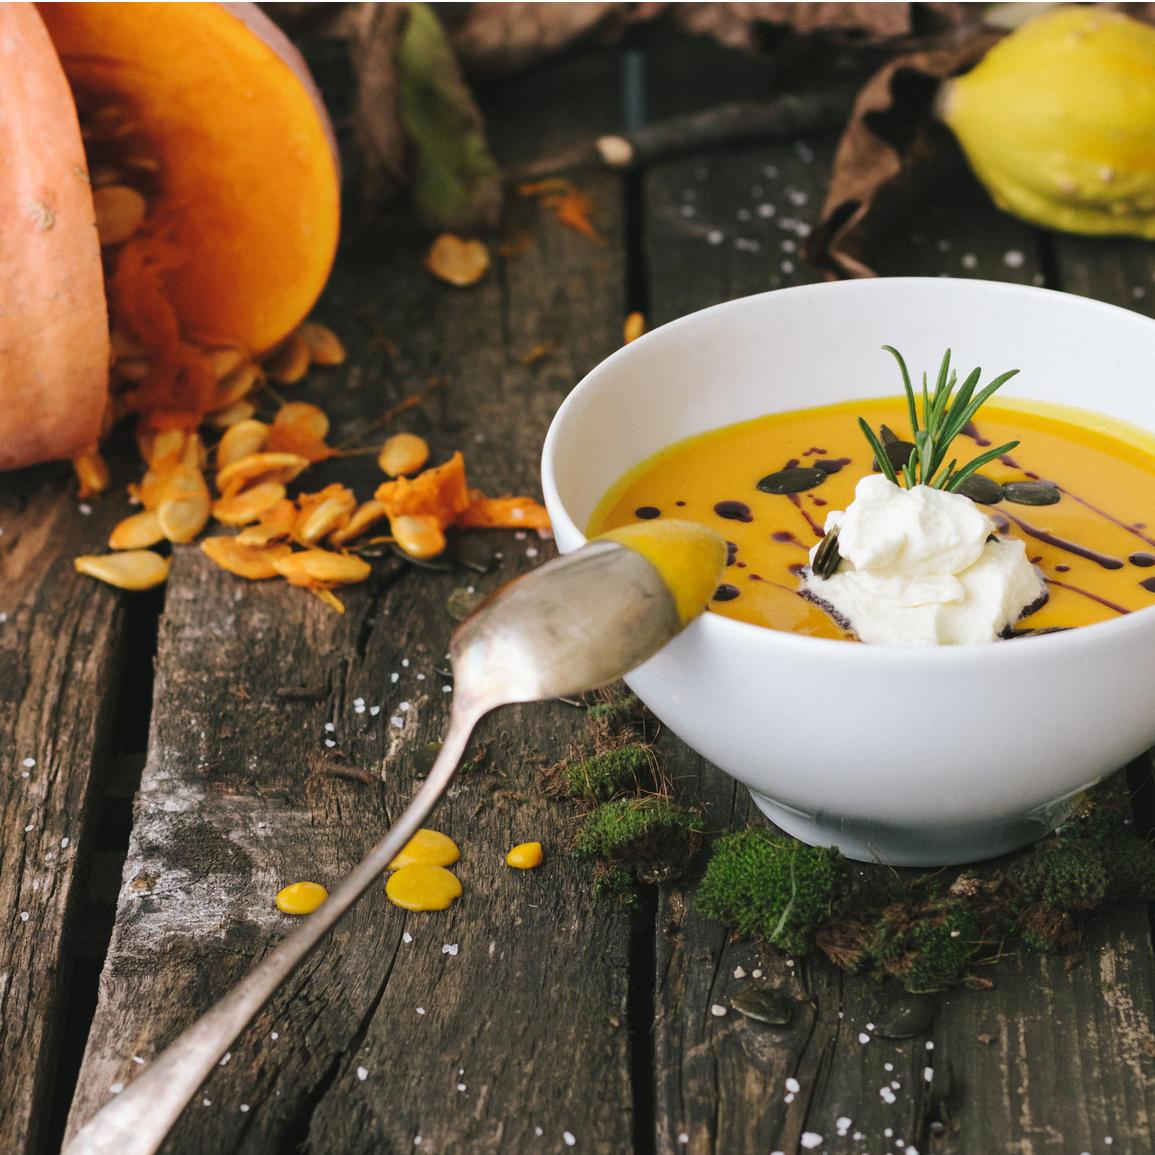 Ways to use pumpkin in your diet